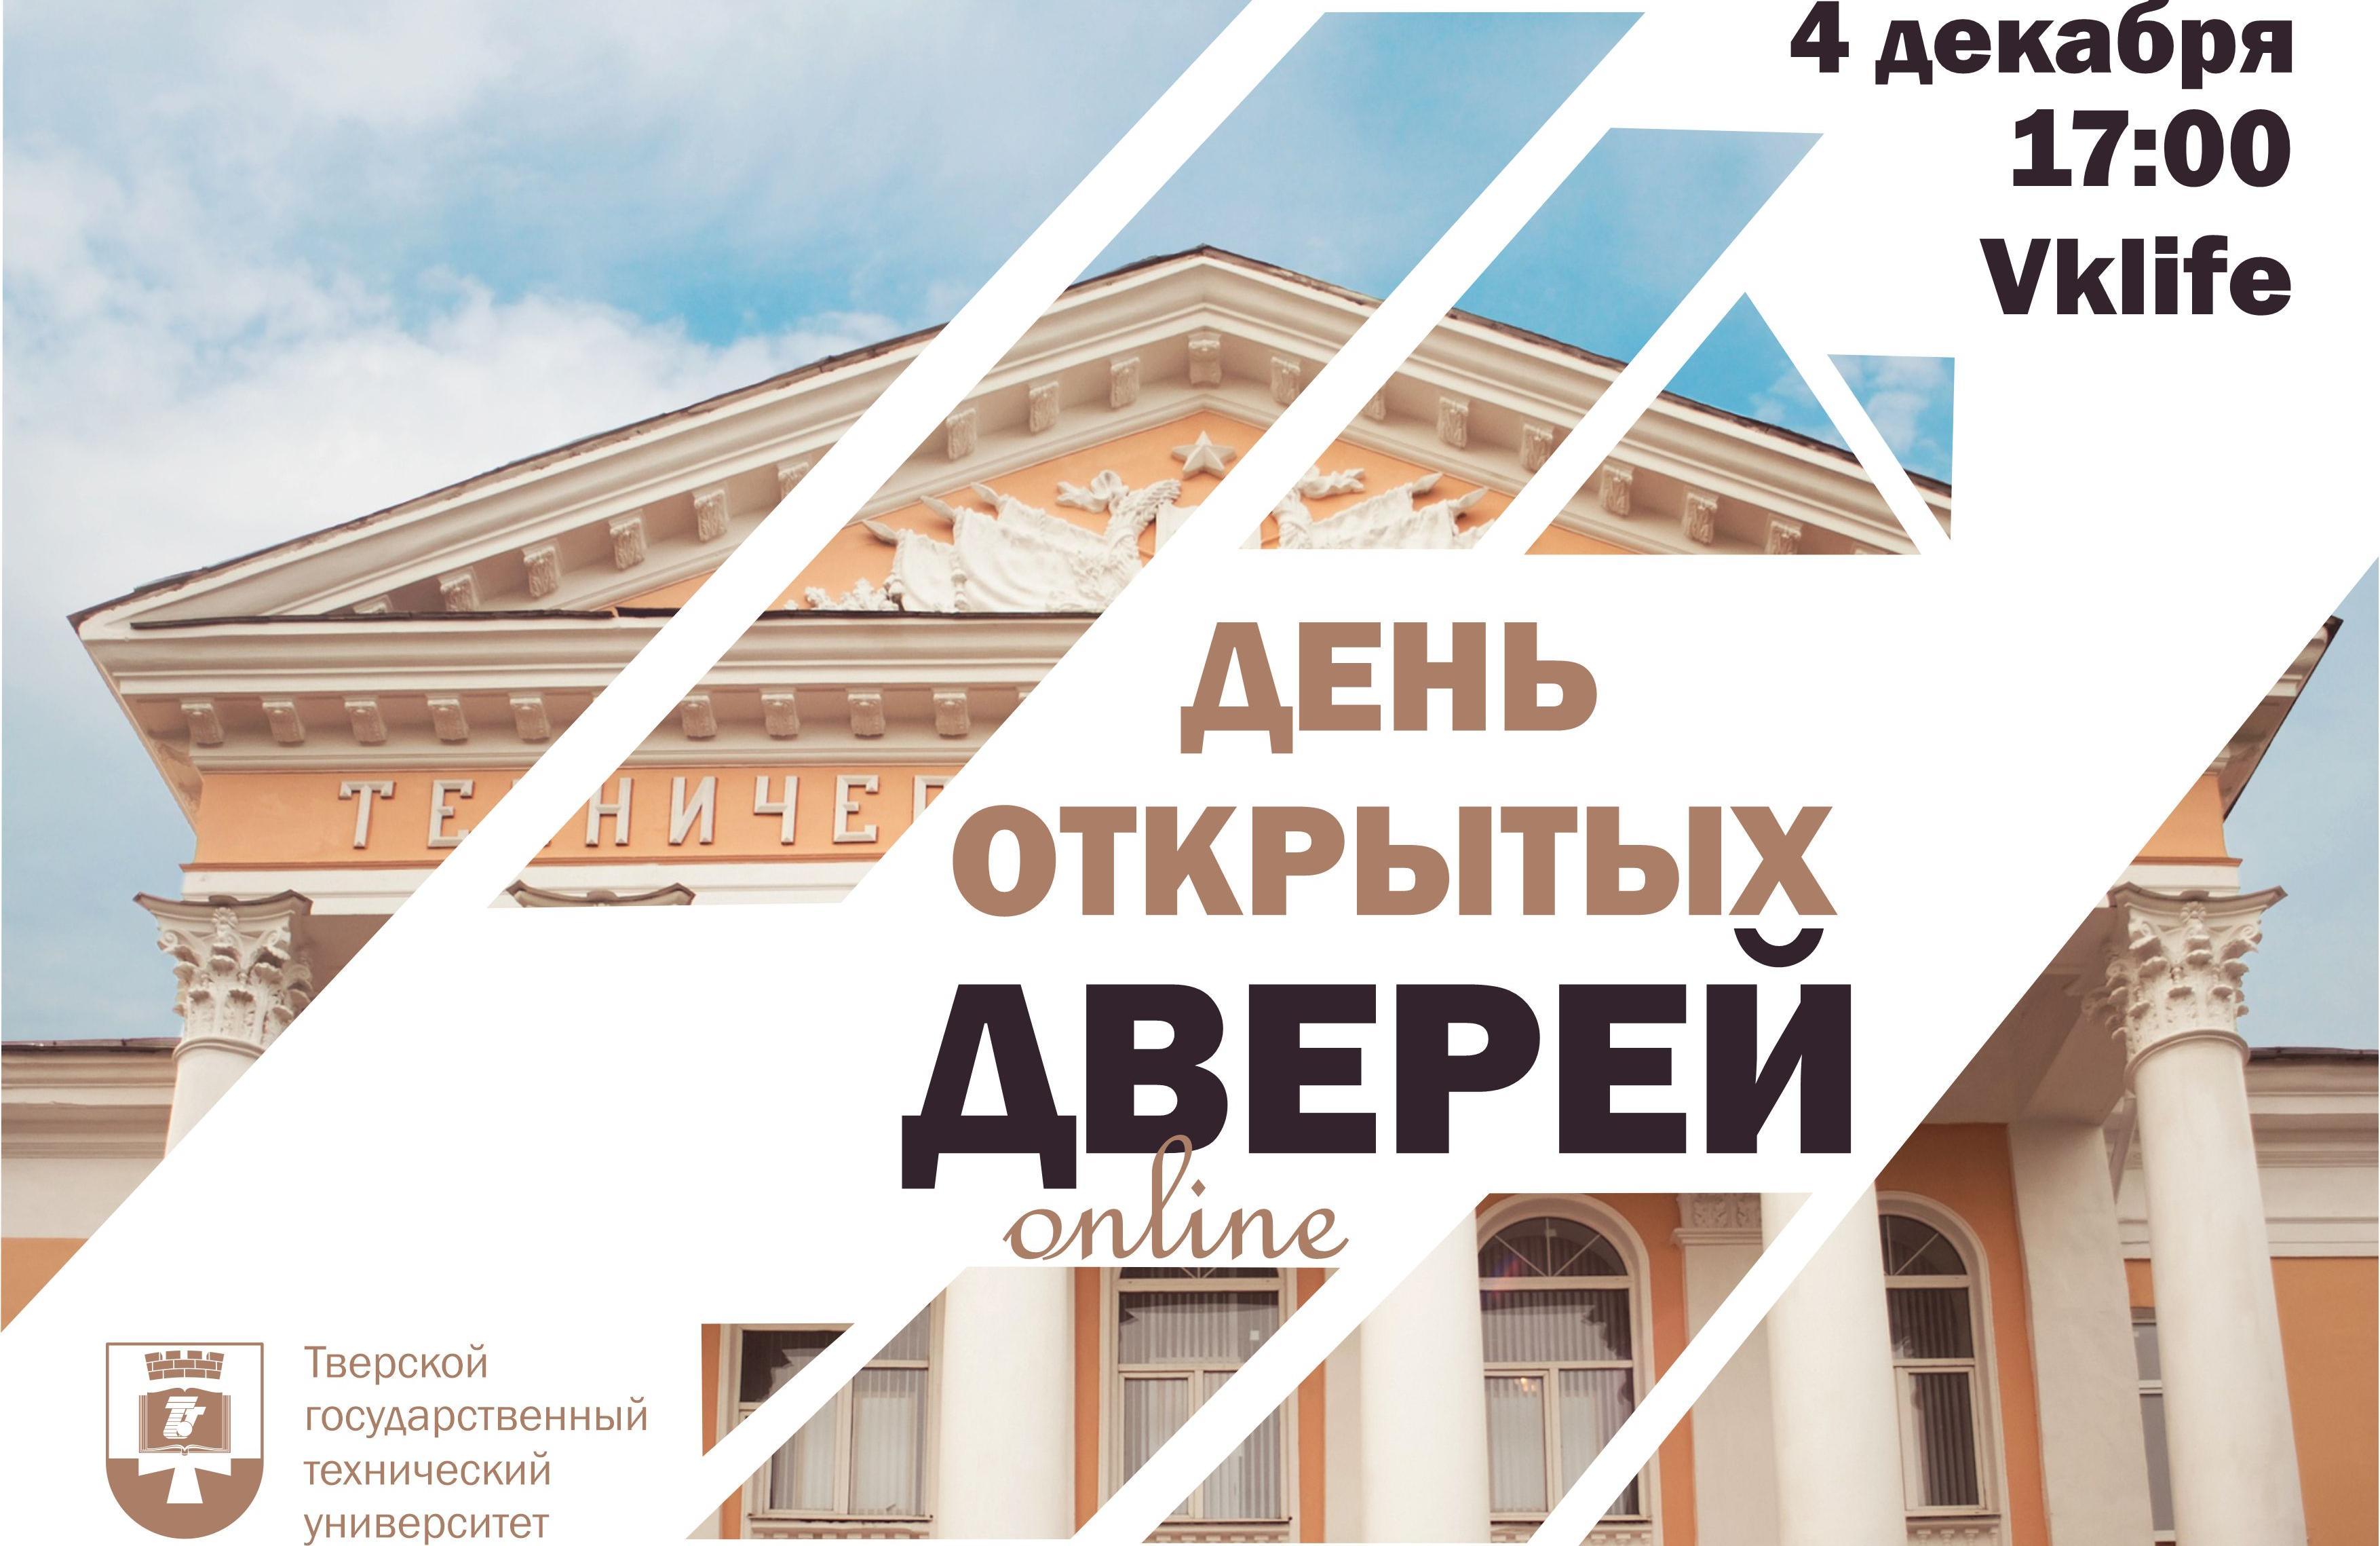 ТвГТУ приглашает на онлайн-день открытых дверей - новости Афанасий